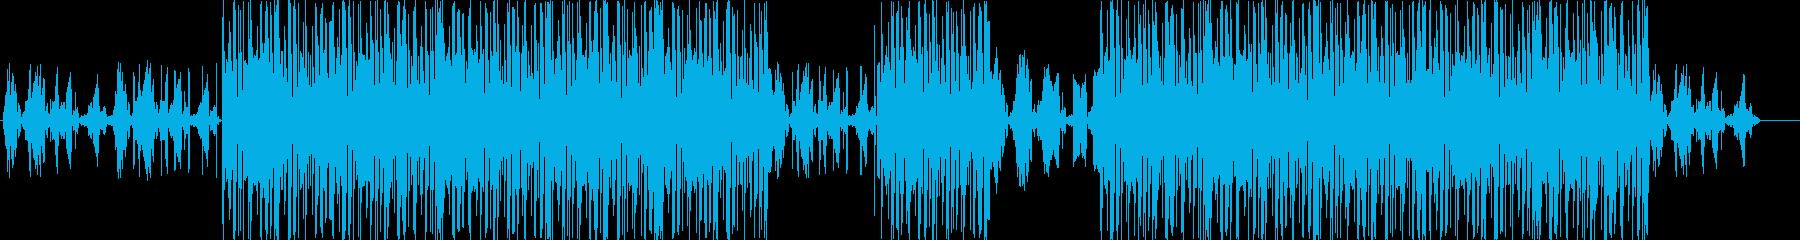 洋楽、ヒップホップ、トラップサウンド♪の再生済みの波形